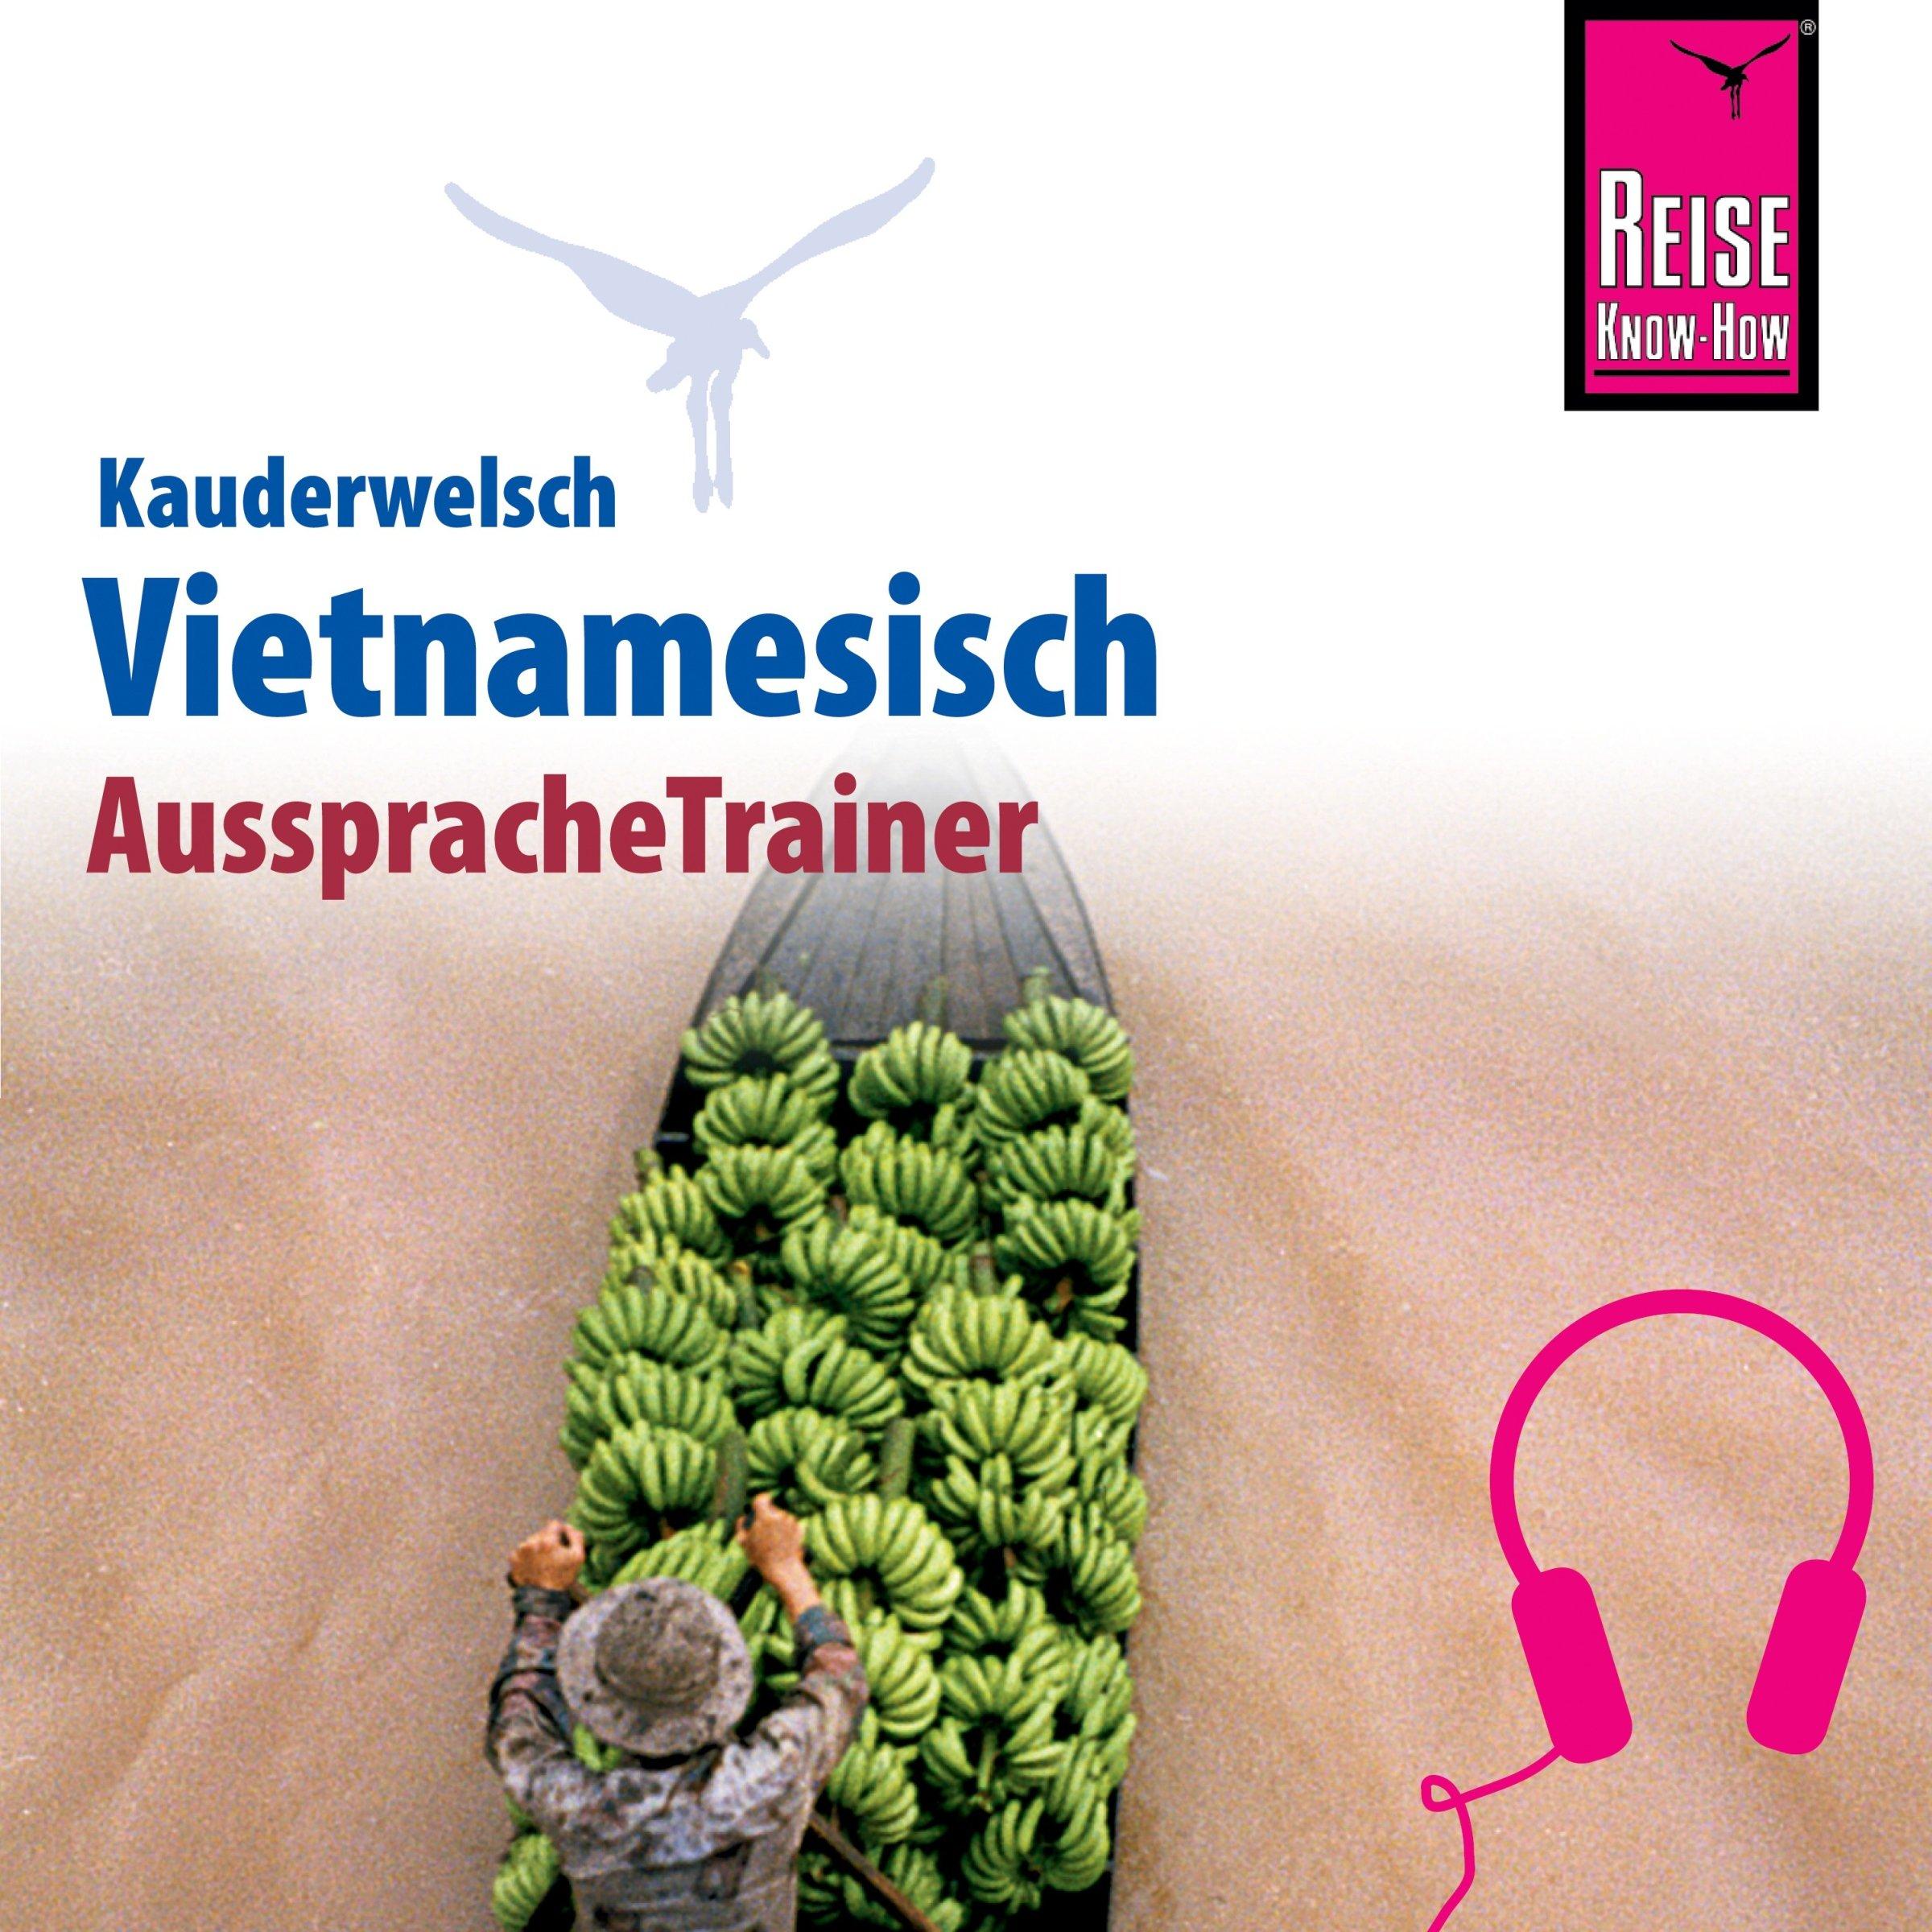 Vietnamesisch  Reise Know How Kauderwelsch AusspracheTrainer